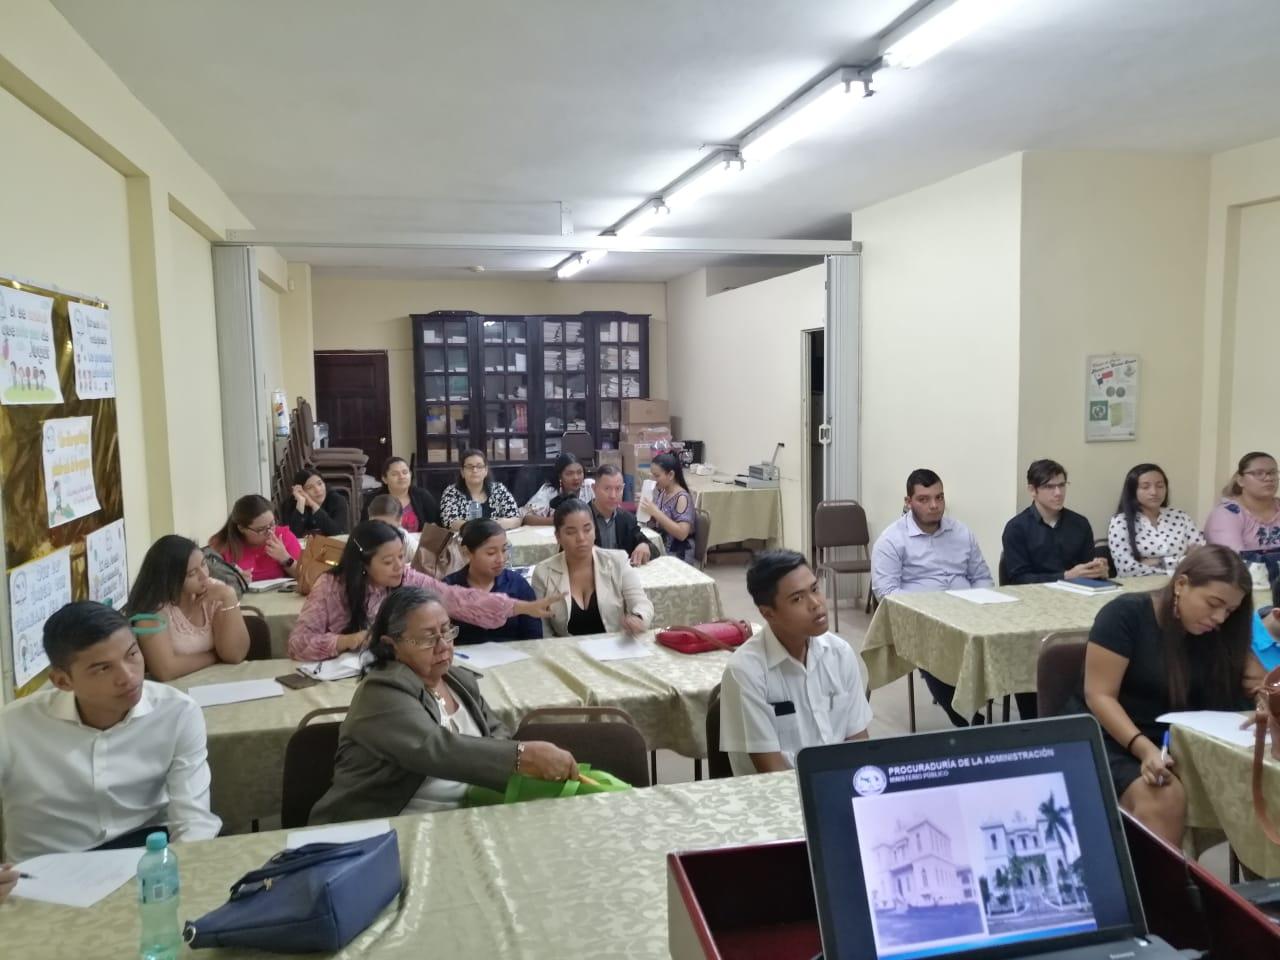 Secretaría Provincial de Veraguas explica a universitarios servicios y programas que brinda la PA